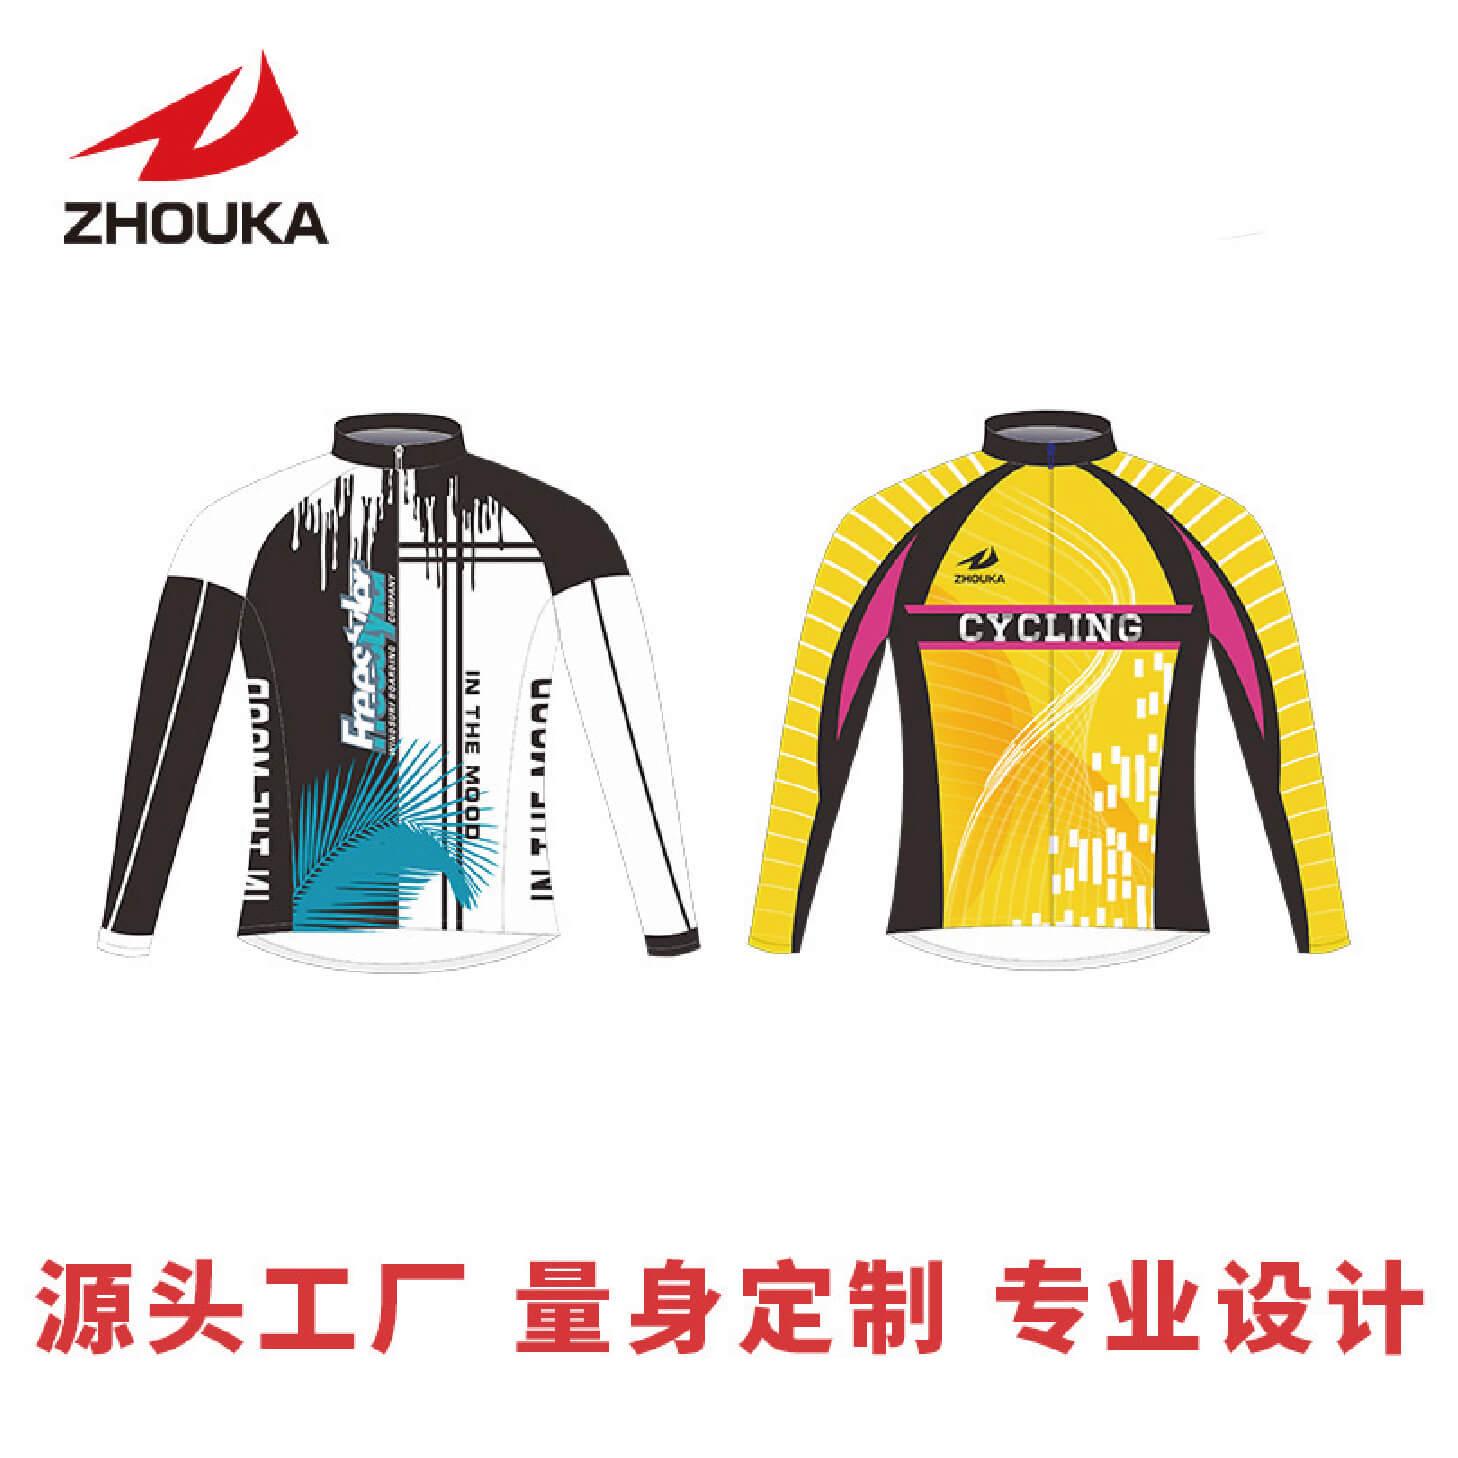 骑行服专业定制长袖上衣男士套装短袖套装女自行车骑行服